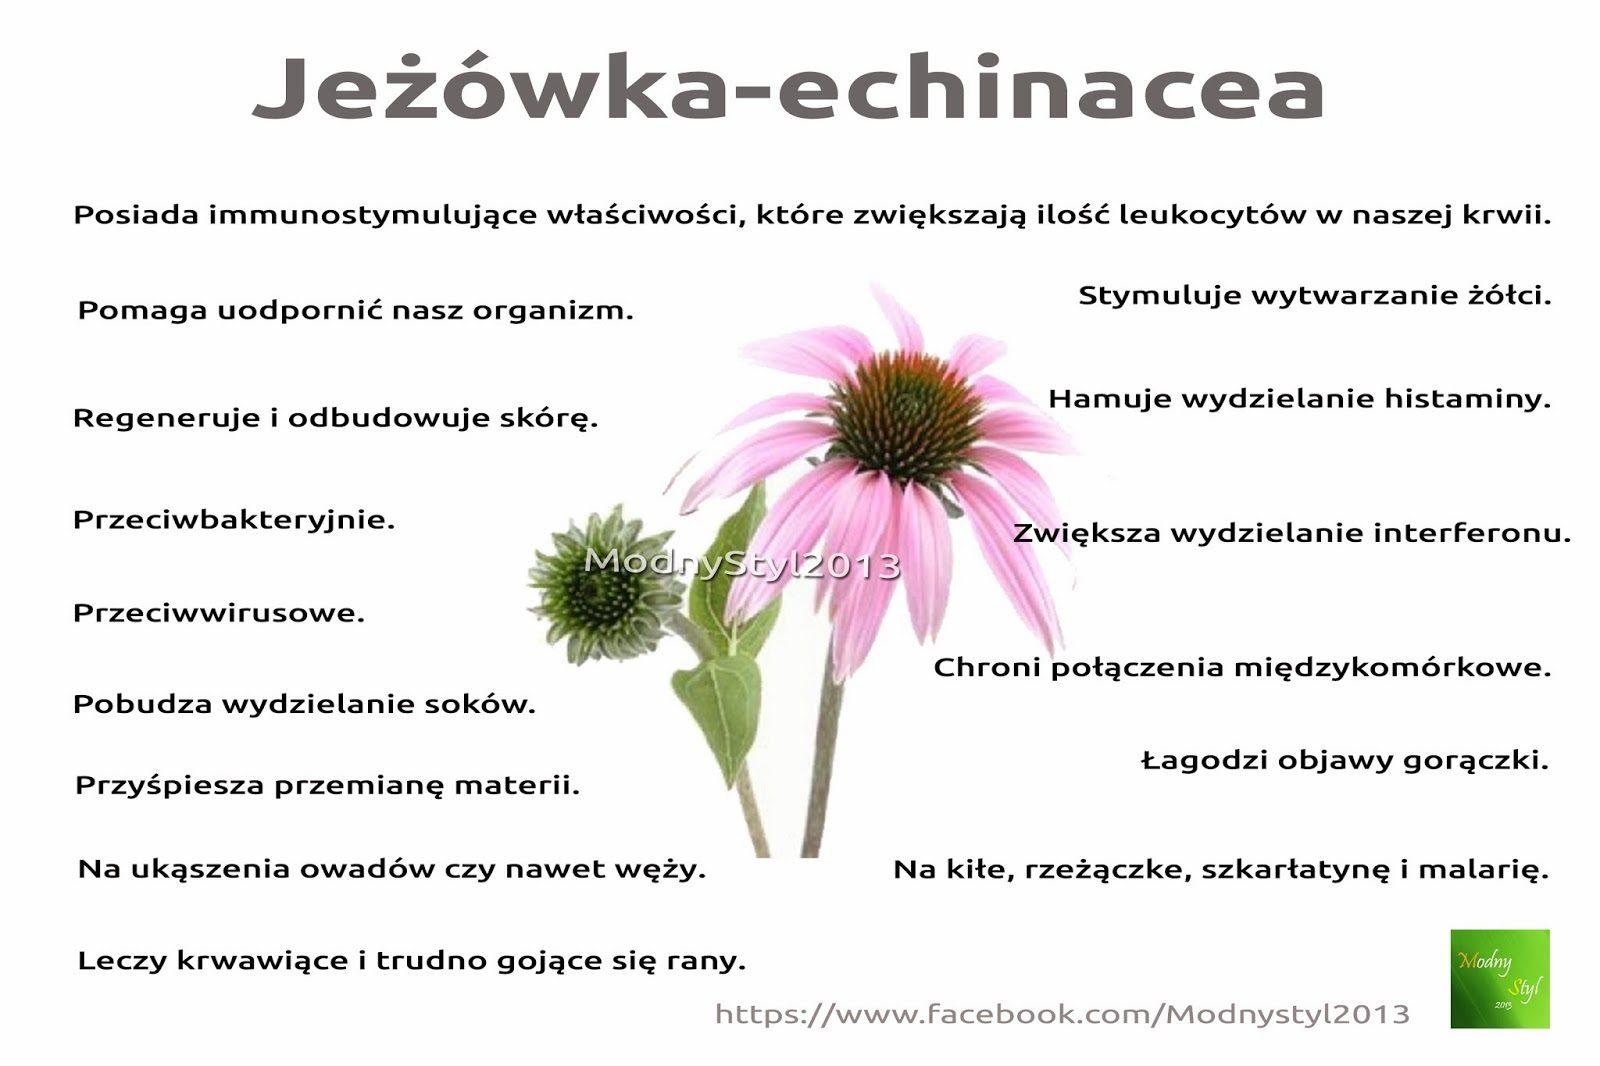 jec5bcc3b3wka-3140930